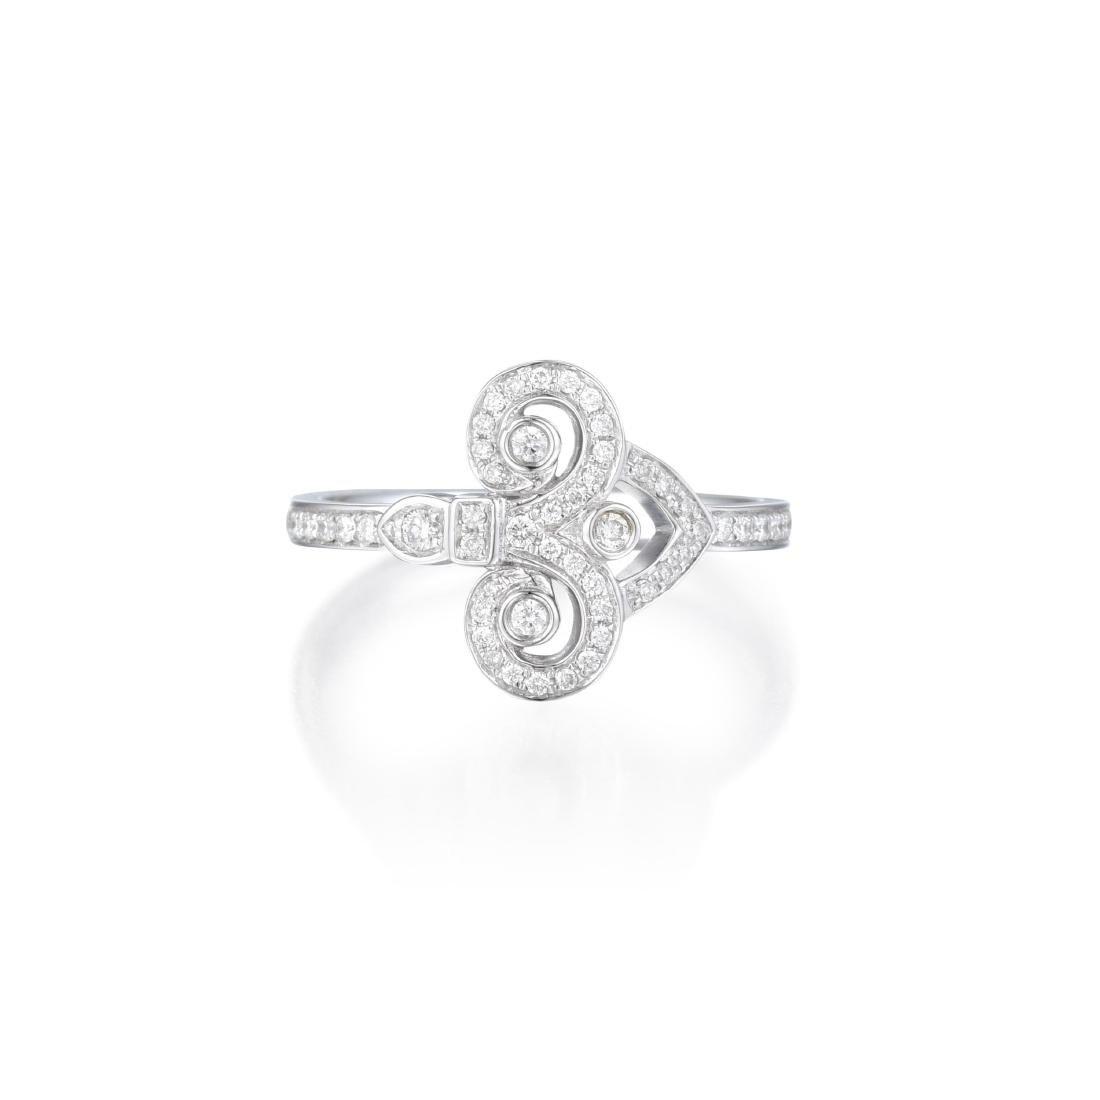 Tiffany & Co. Diamond Fleur de Lis Ring